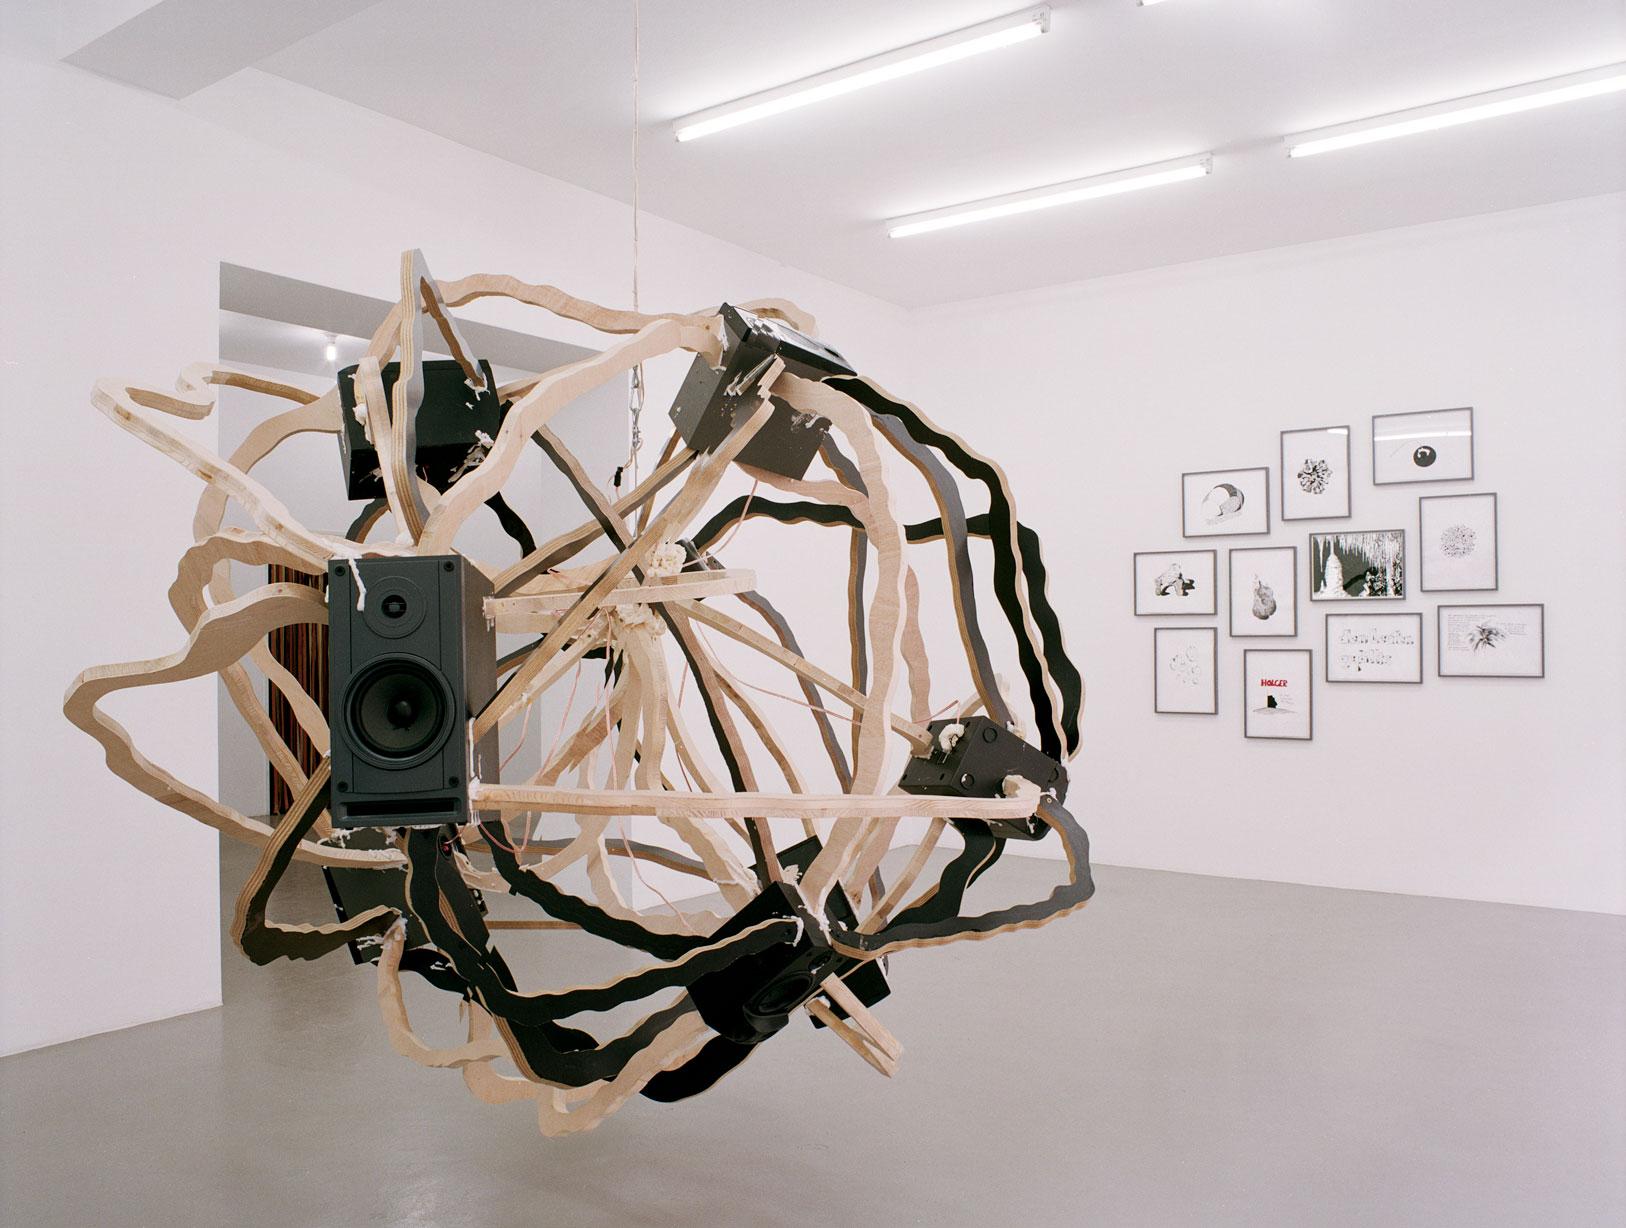 Les Schliesser – »Warum nicht..ig keit«, Ausstellungsansicht mit »Complaining Potatoe« und »Potatoe Drawings« 2004, Galerie Mirko Mayer, Köln